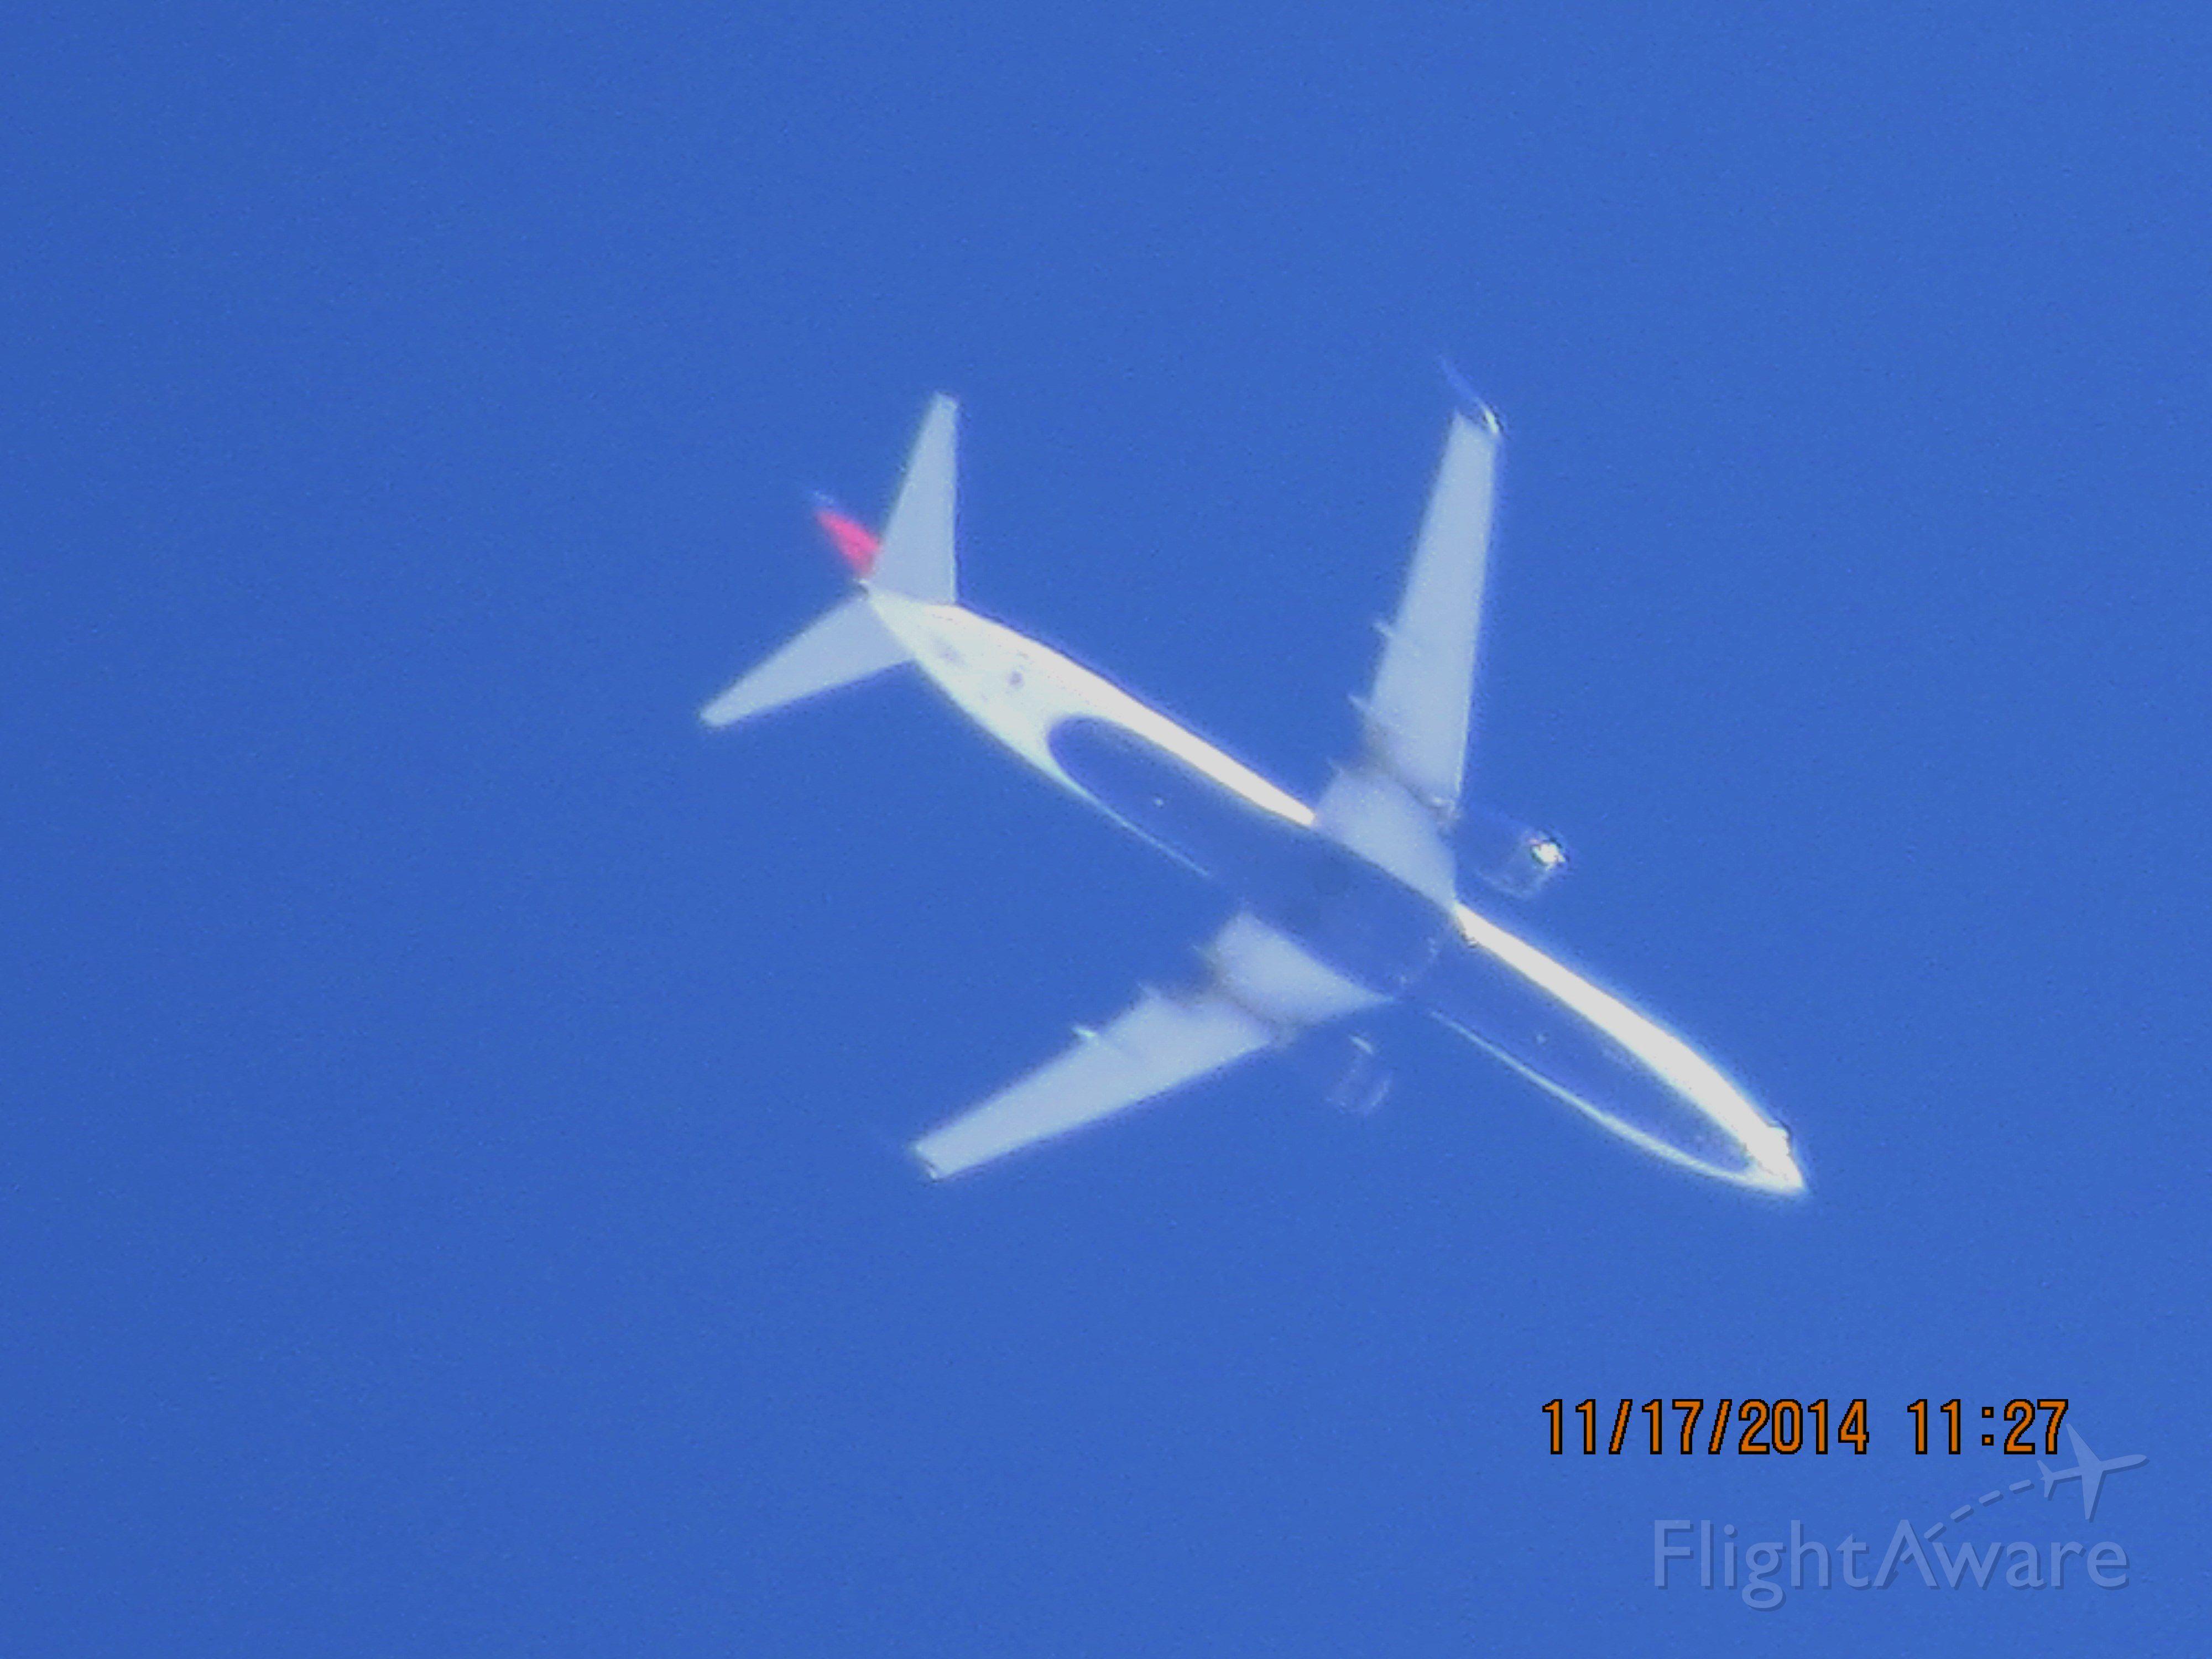 Boeing 737-900 (N815DN) - Delta flight 1598 from SEA to ATL over Baxter Springs Kansas (78KS) at 33,000 feet.